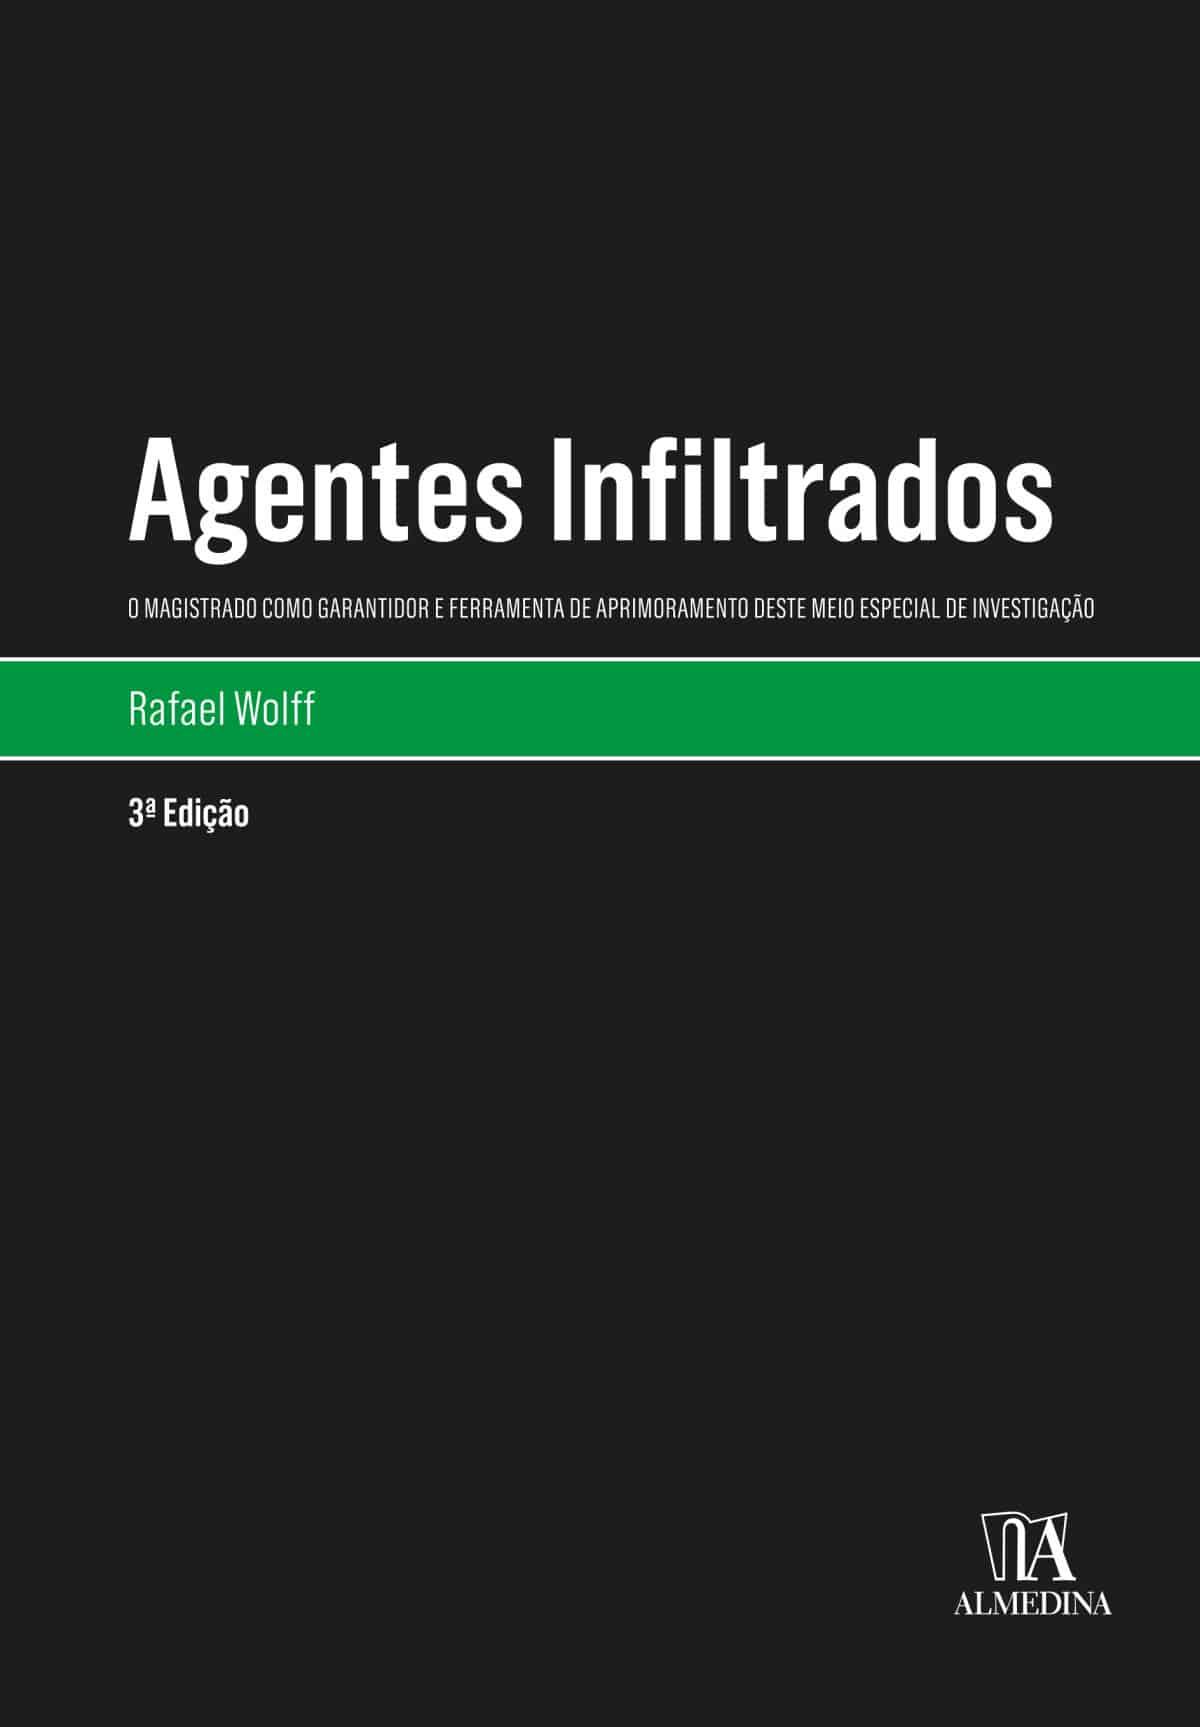 Foto 1 - Agentes Infiltrados - 3ª edição